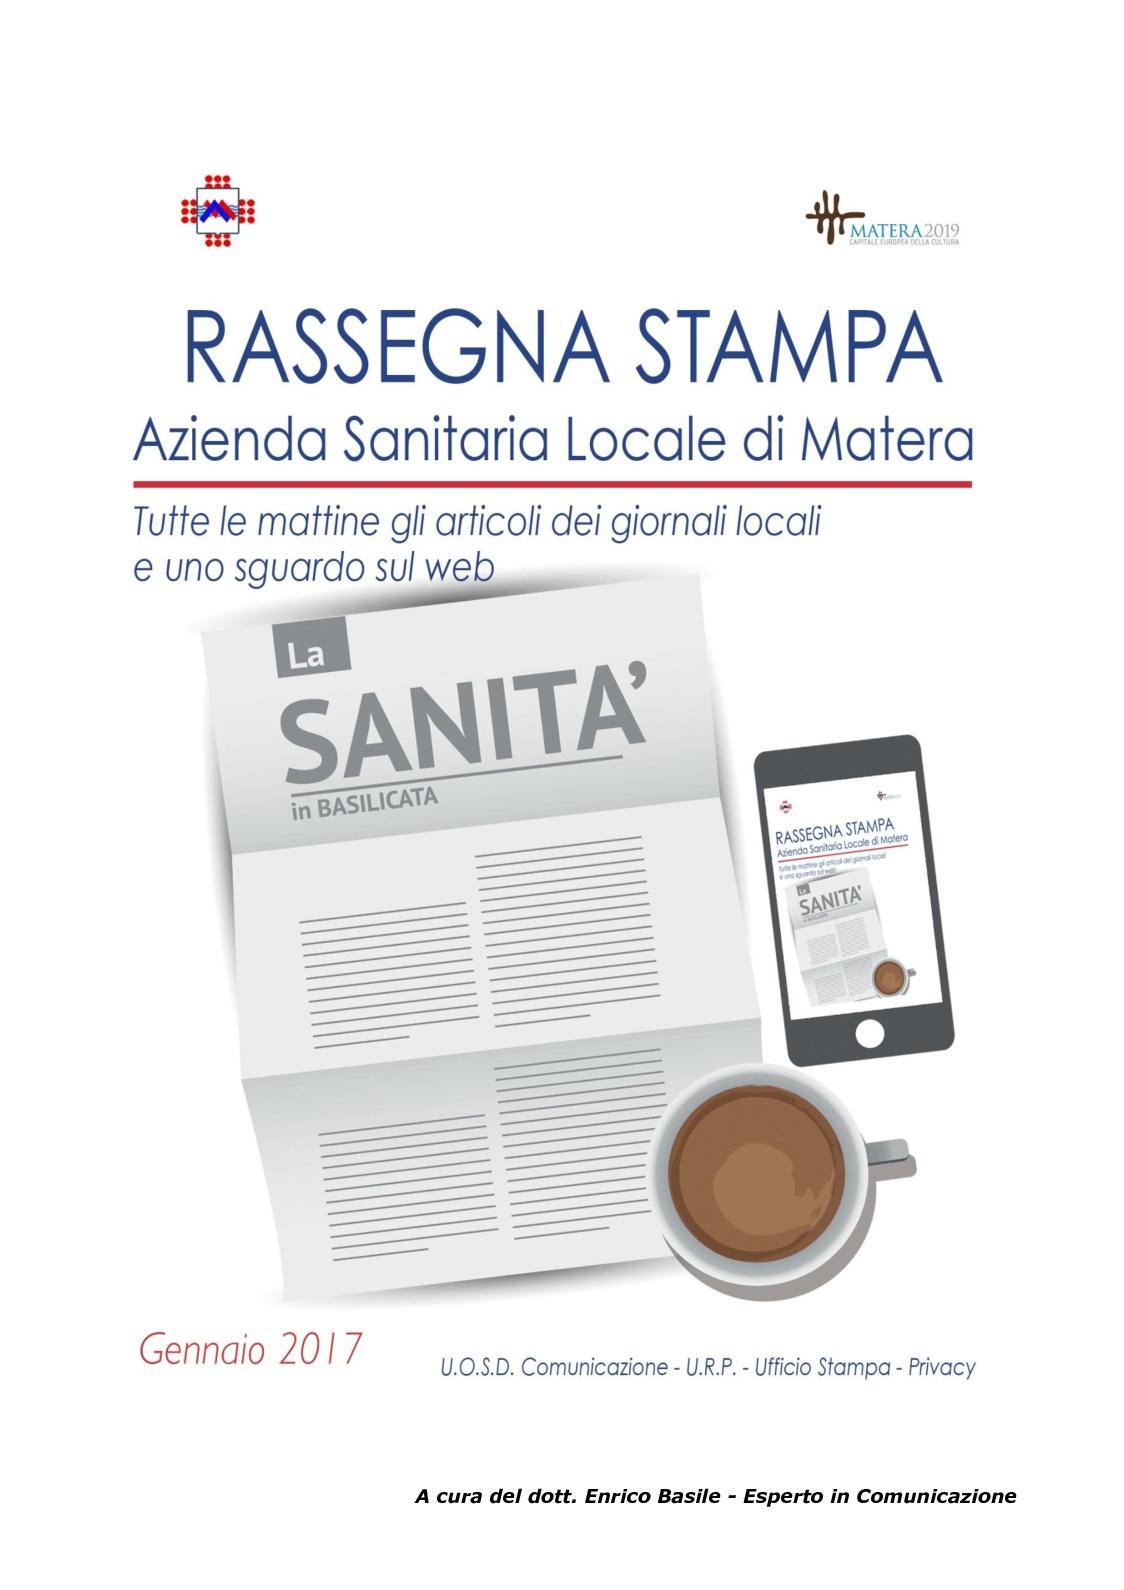 Calaméo ASM Rassegna Stampa Gennaio2017